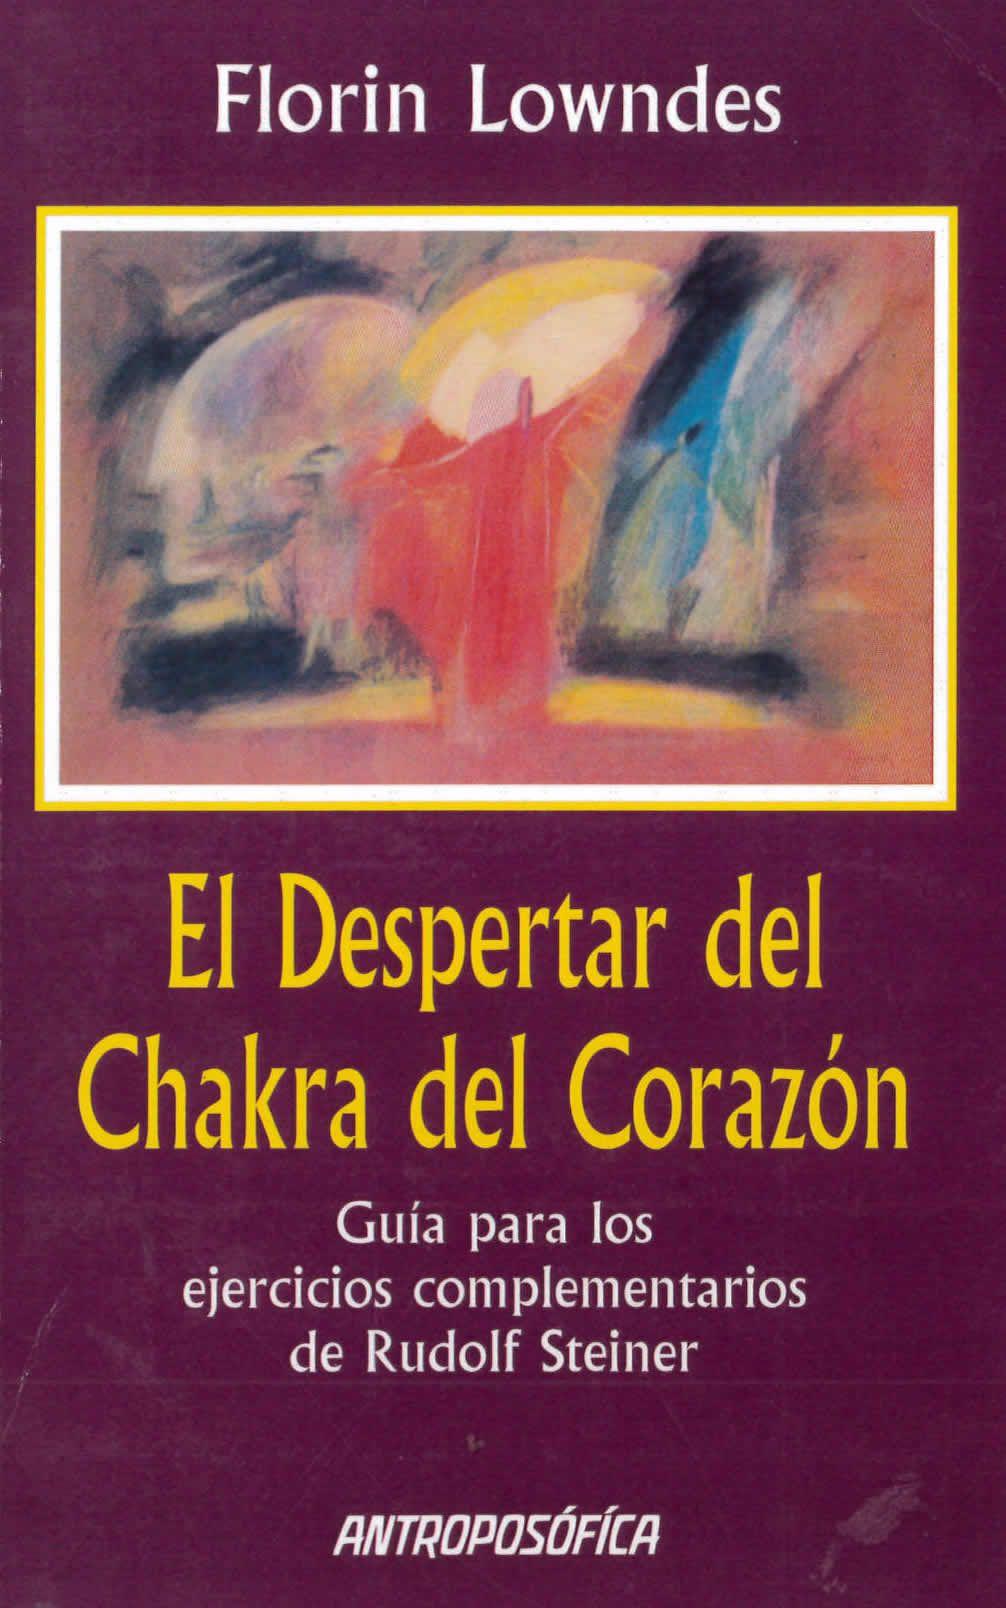 """El Despertar del Chakra del Corazón de Florin Lowndes editado por  Antroposofíca. """"Llevar a"""